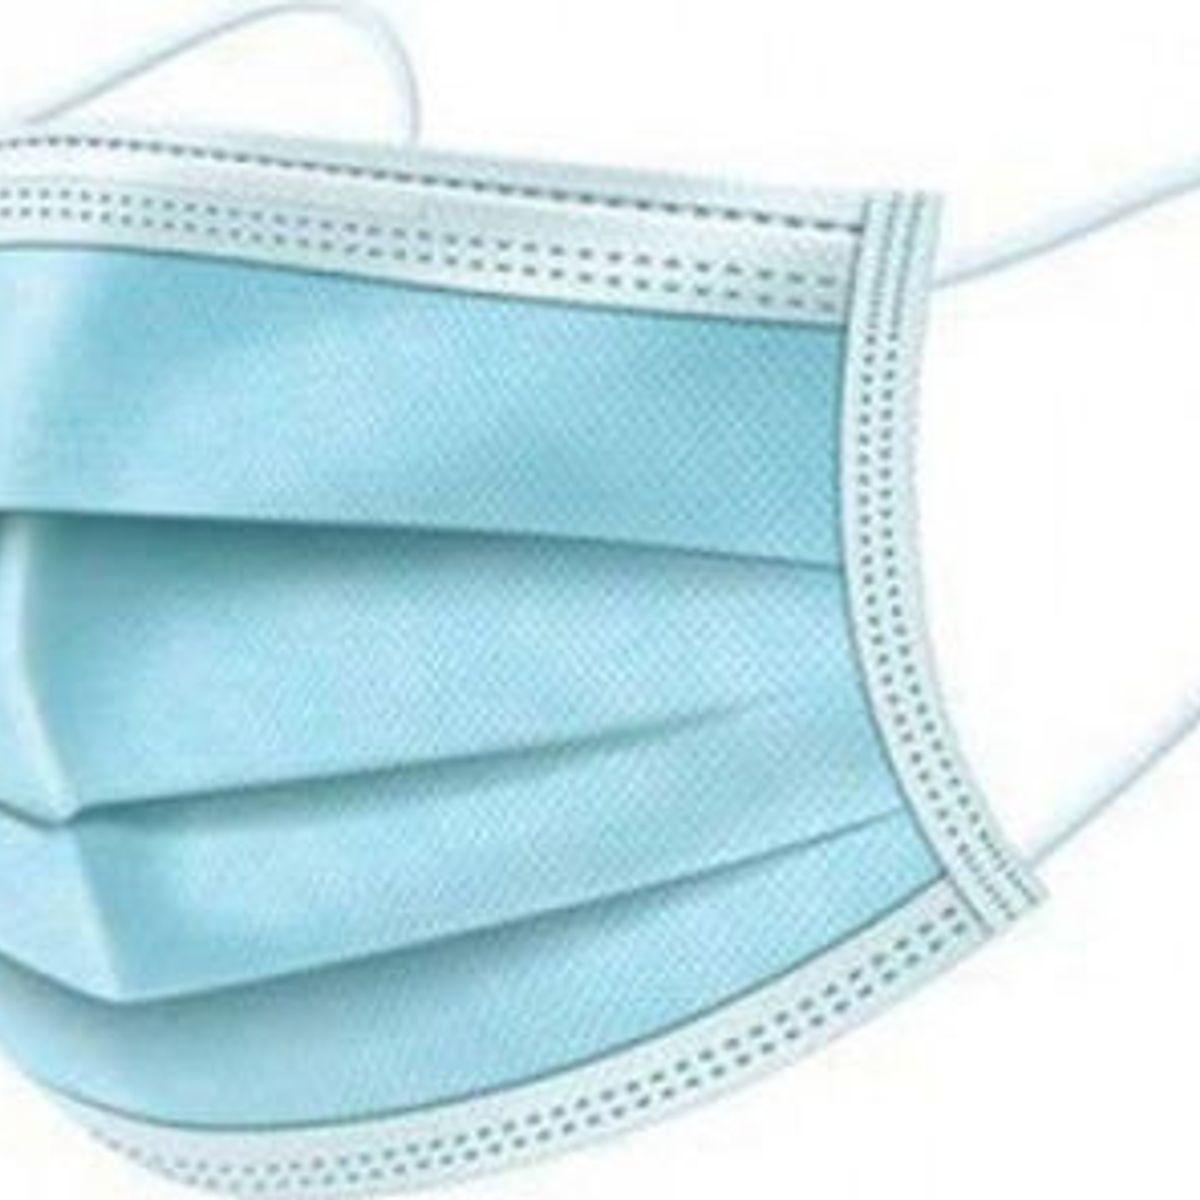 Χειρουργική Μάσκα Προστασίας Προσώπου 3 Στρωμάτων (Γαλάζια)